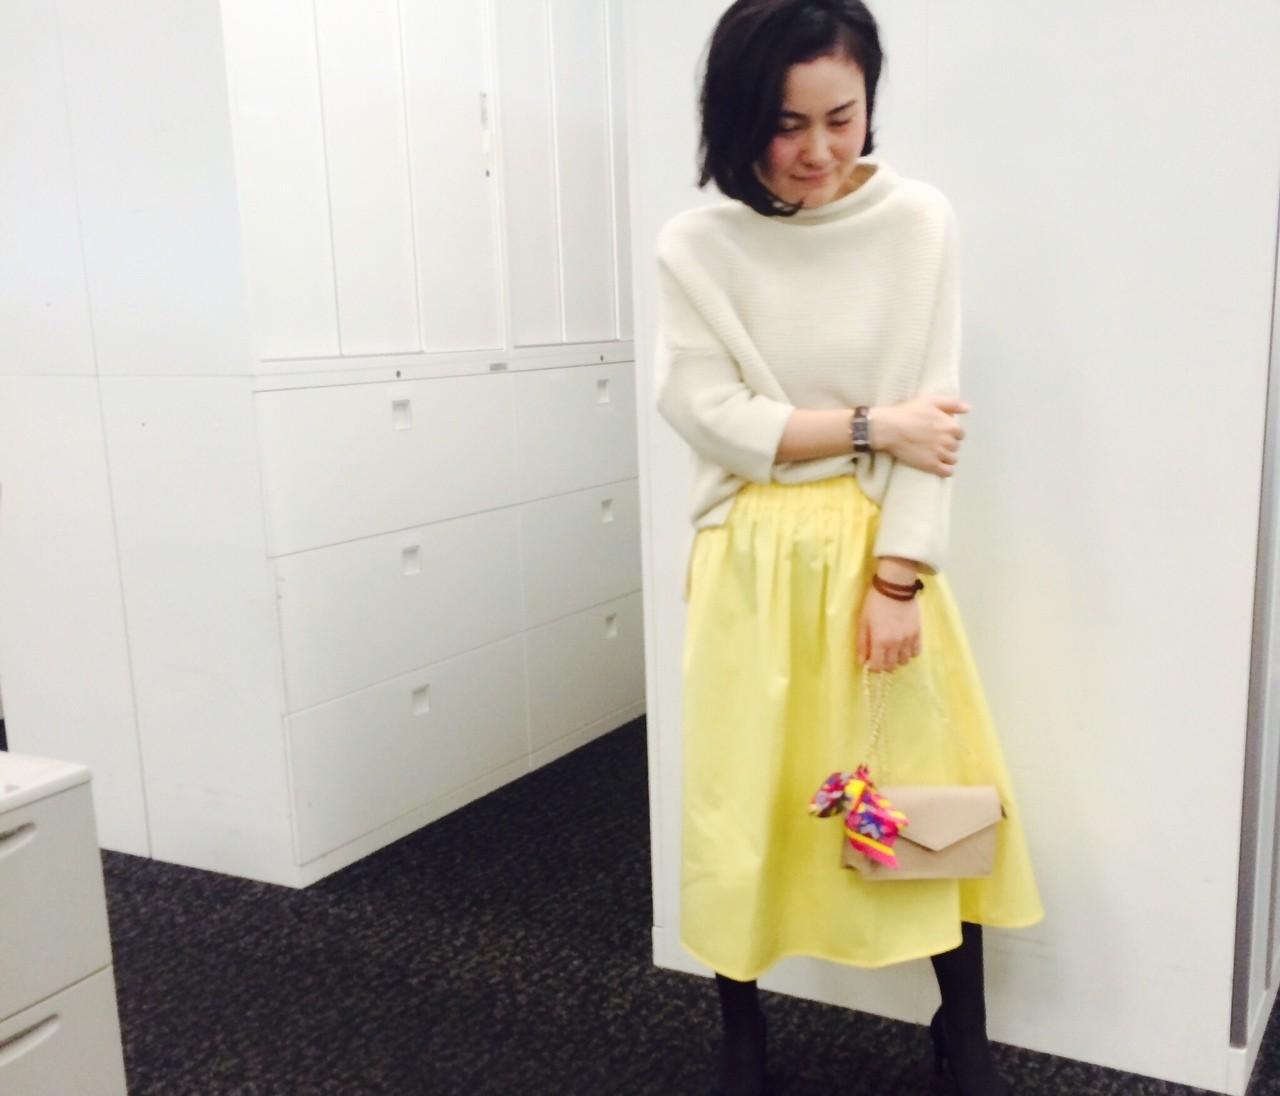 【#OOTD】あのモデルさんにも褒められた、ザラのきれい色スカート